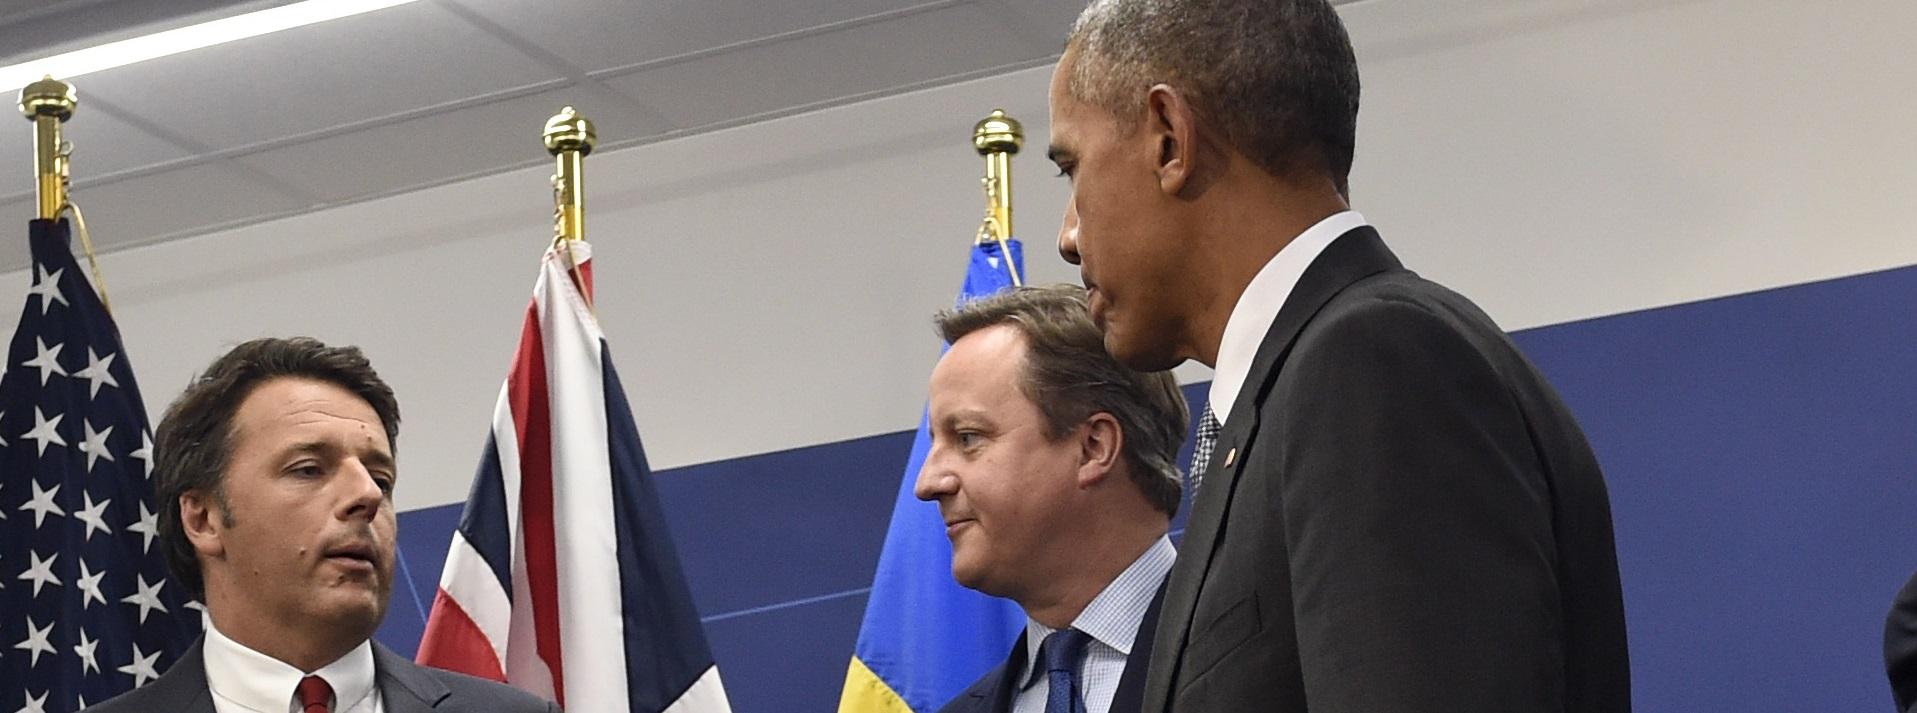 Zagraniczne media oceniają szczyt NATO w Warszawie